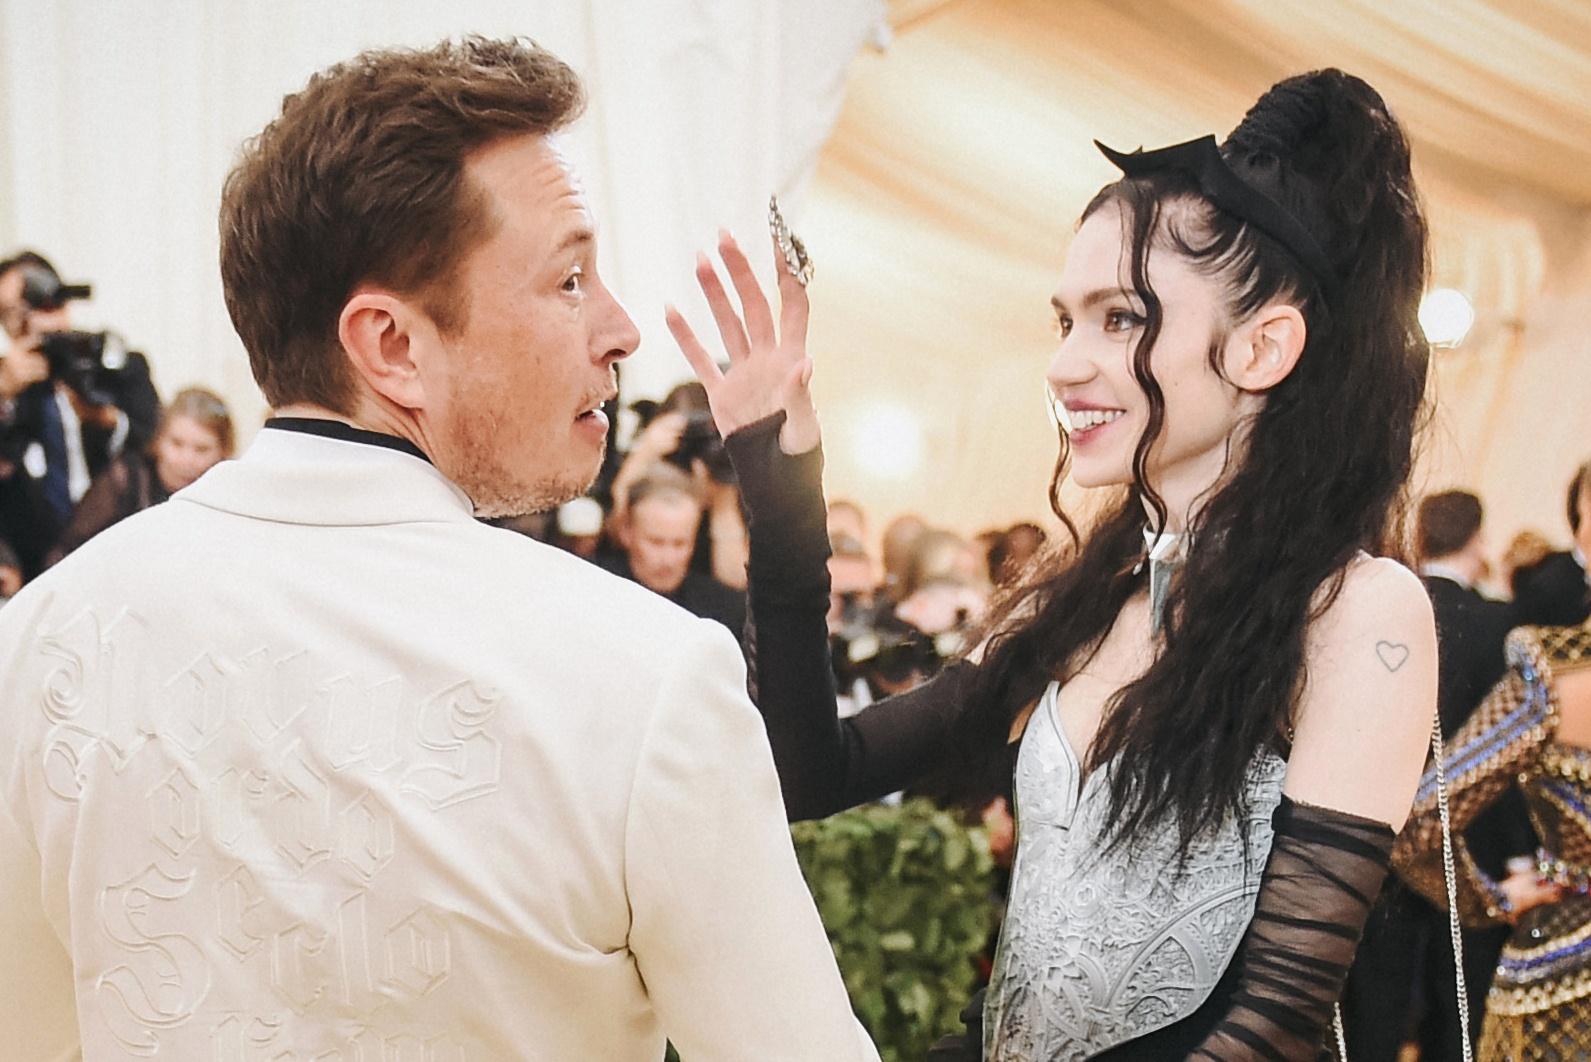 Граймс рассказала о беременности и призналась в любви Илону Маску